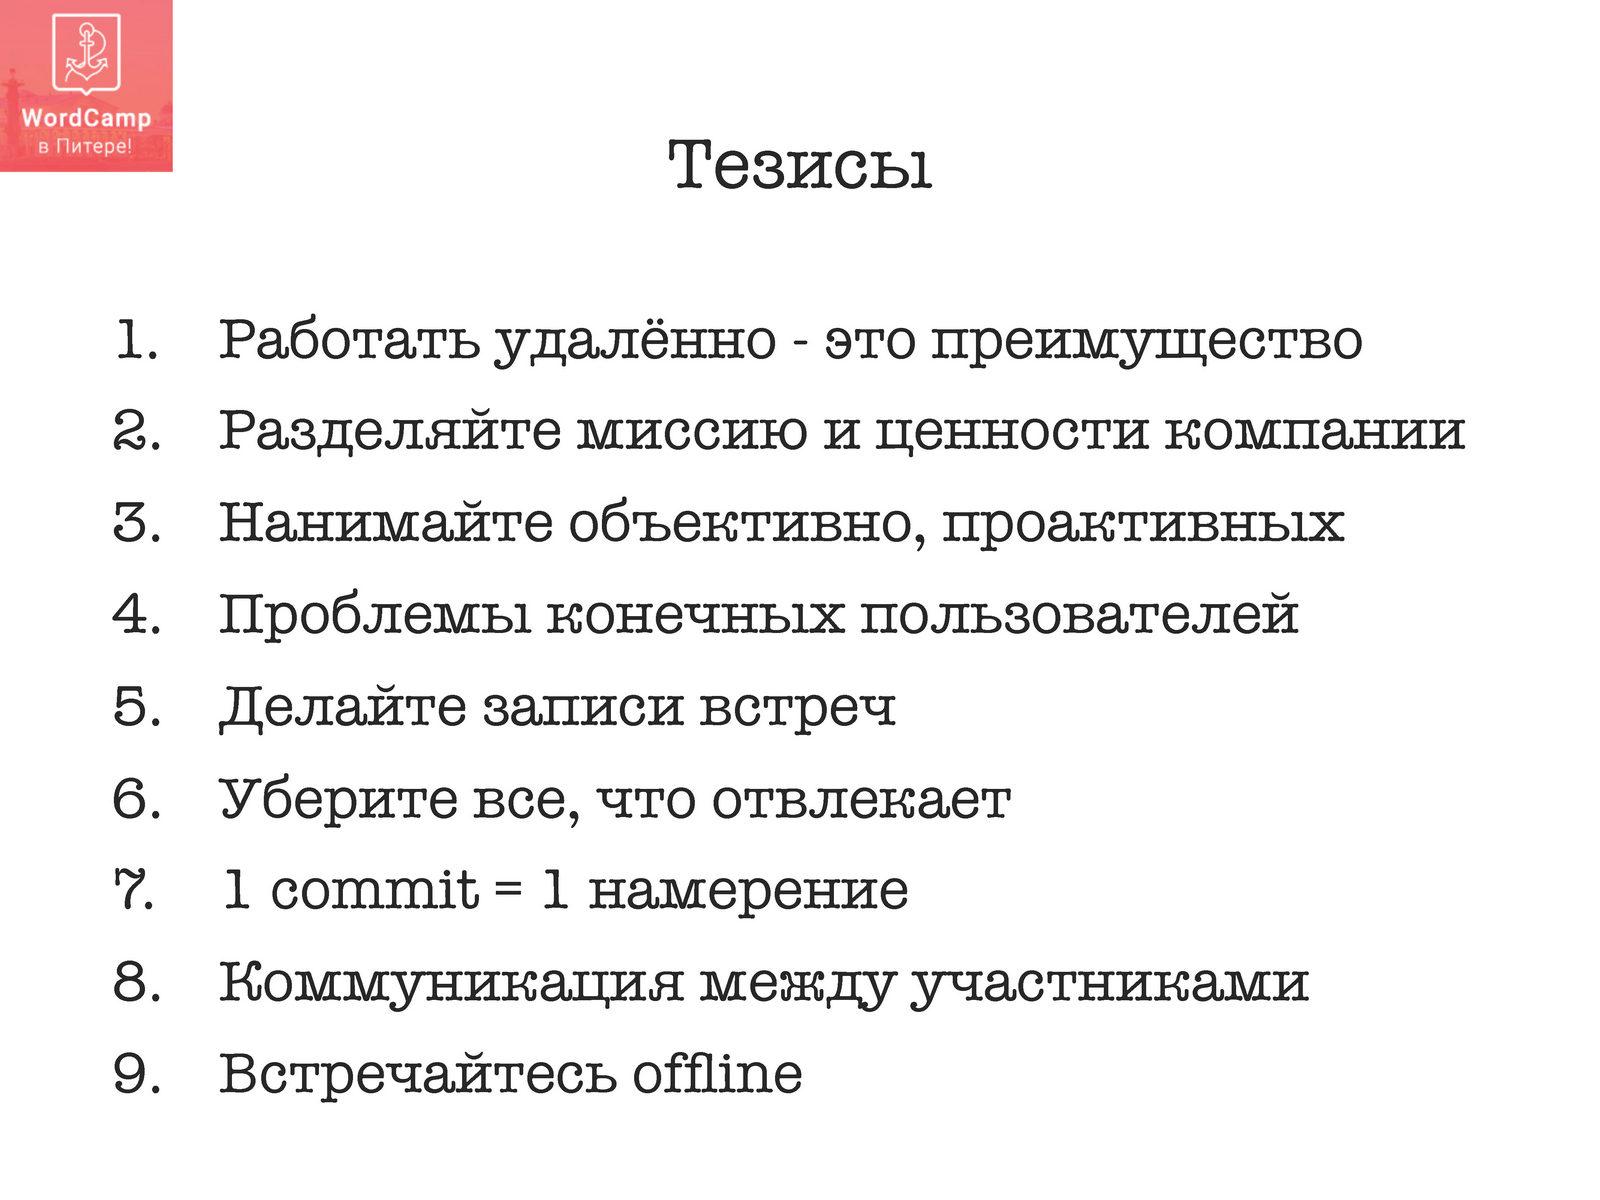 Тимур Гоголев - 100% распределенная компания мифы или реальность_Page_21